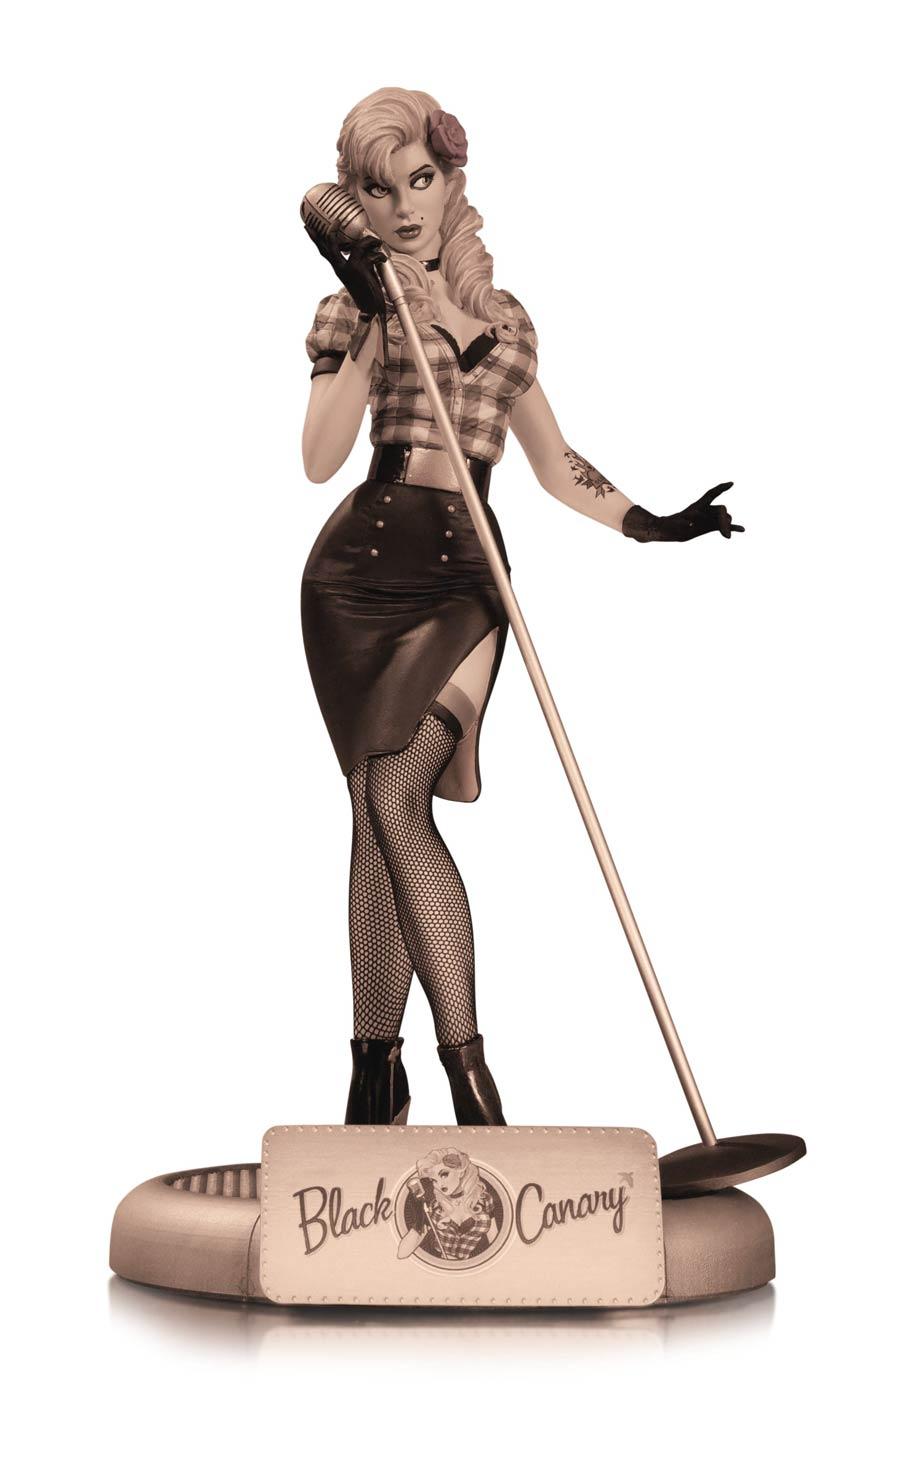 DC Comics Bombshells Black Canary Statue Variant Sepia Tone